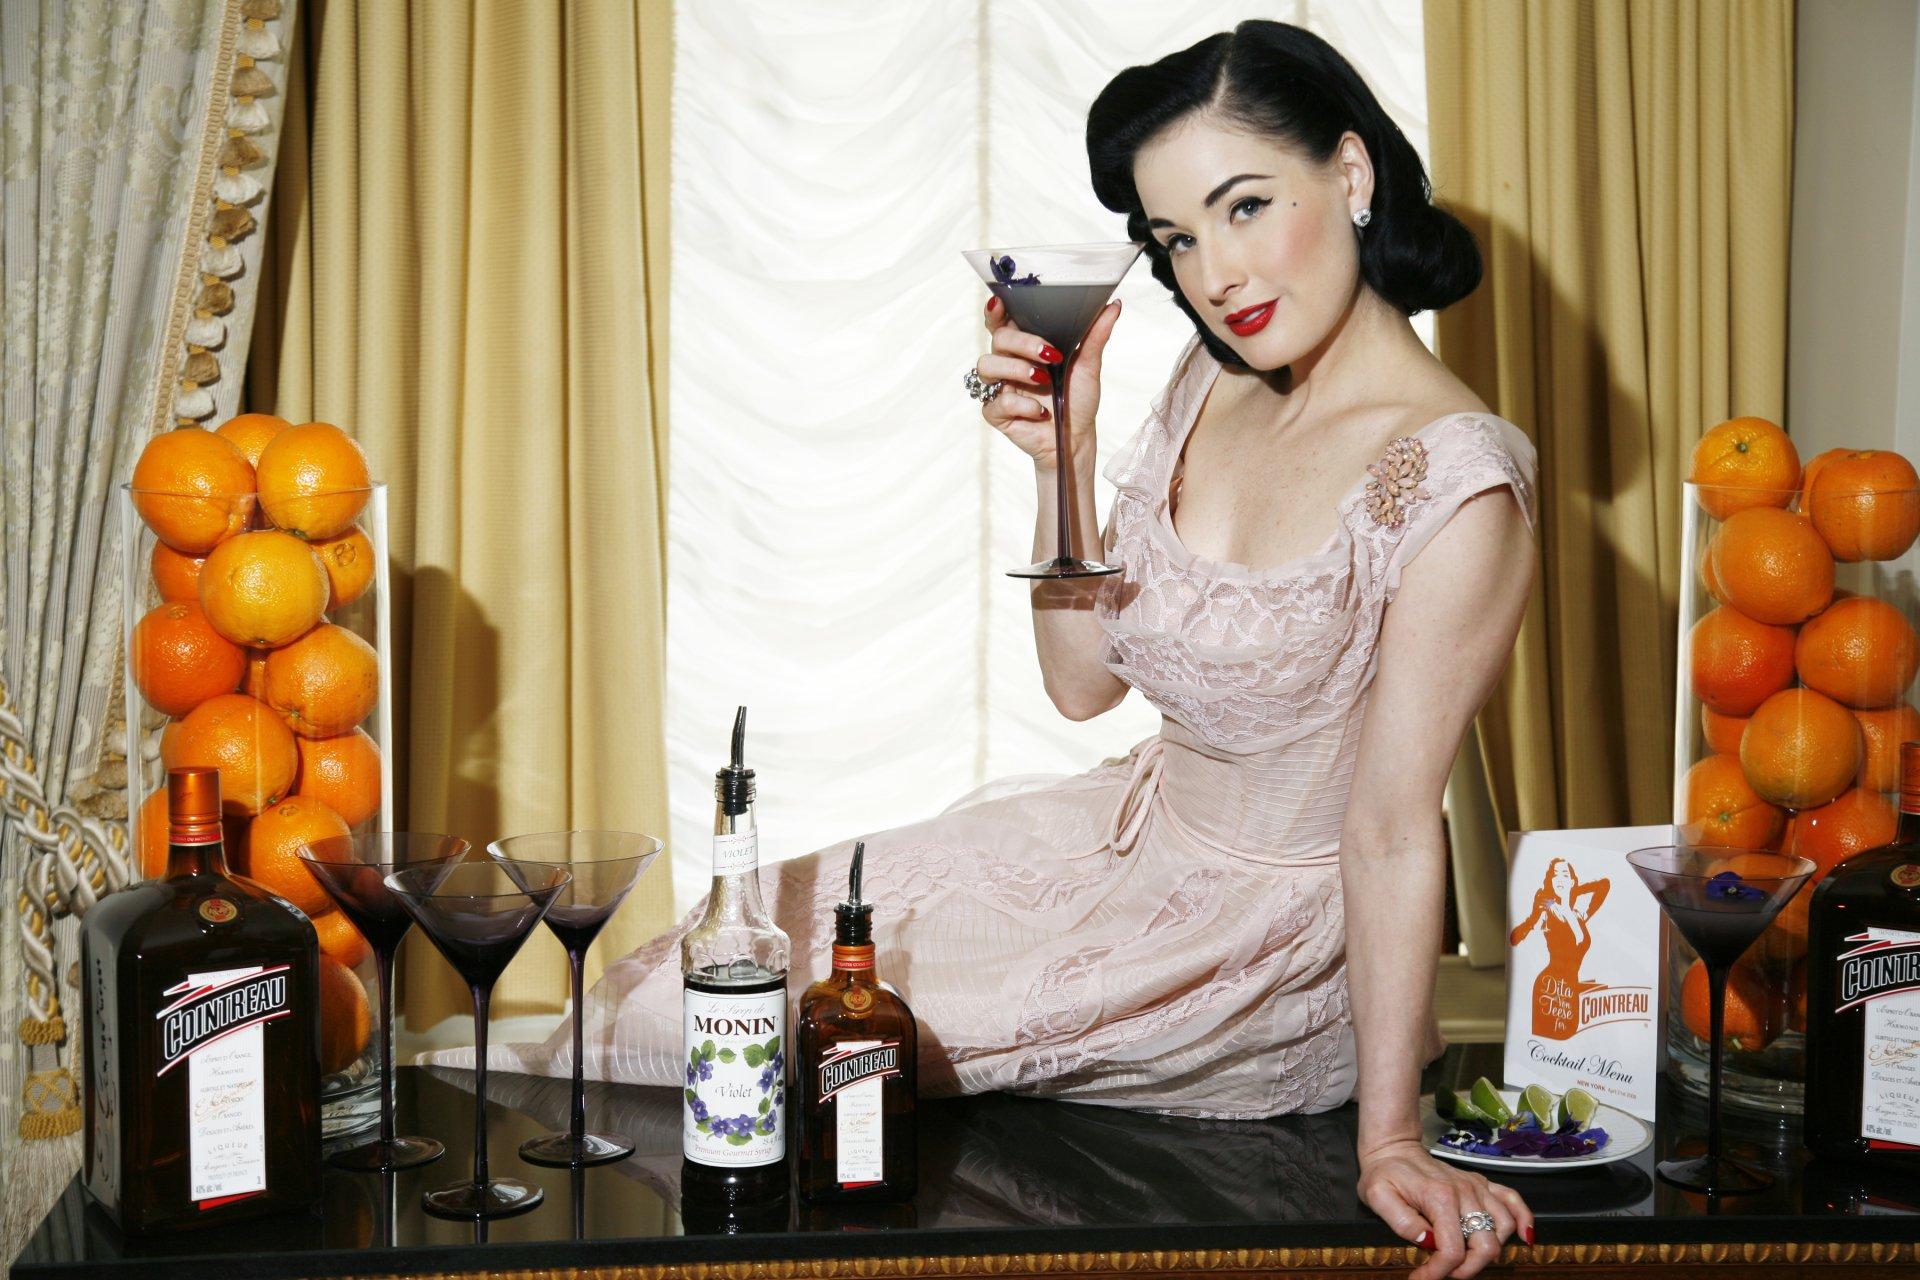 Célébrités - Dita Von Teese  Fond d'écran